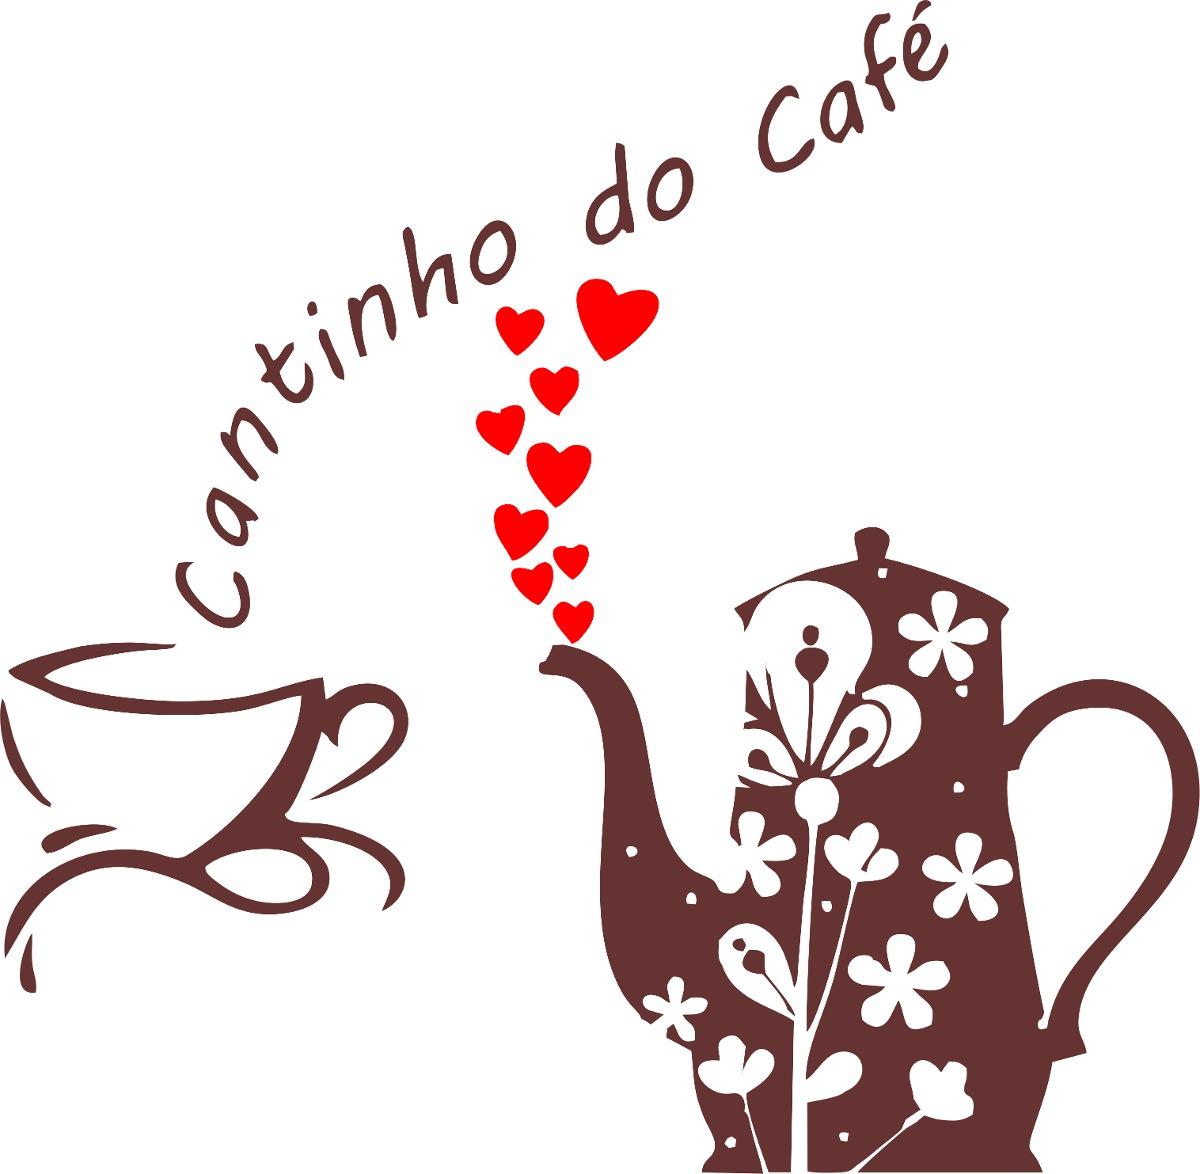 Artesanato Quadros Para Quarto De Bebe ~ Adesivo Parede Cozinha Cantinho Do Café Xícara Coraç u00e3o R$ 34,99 em Mercado Livre